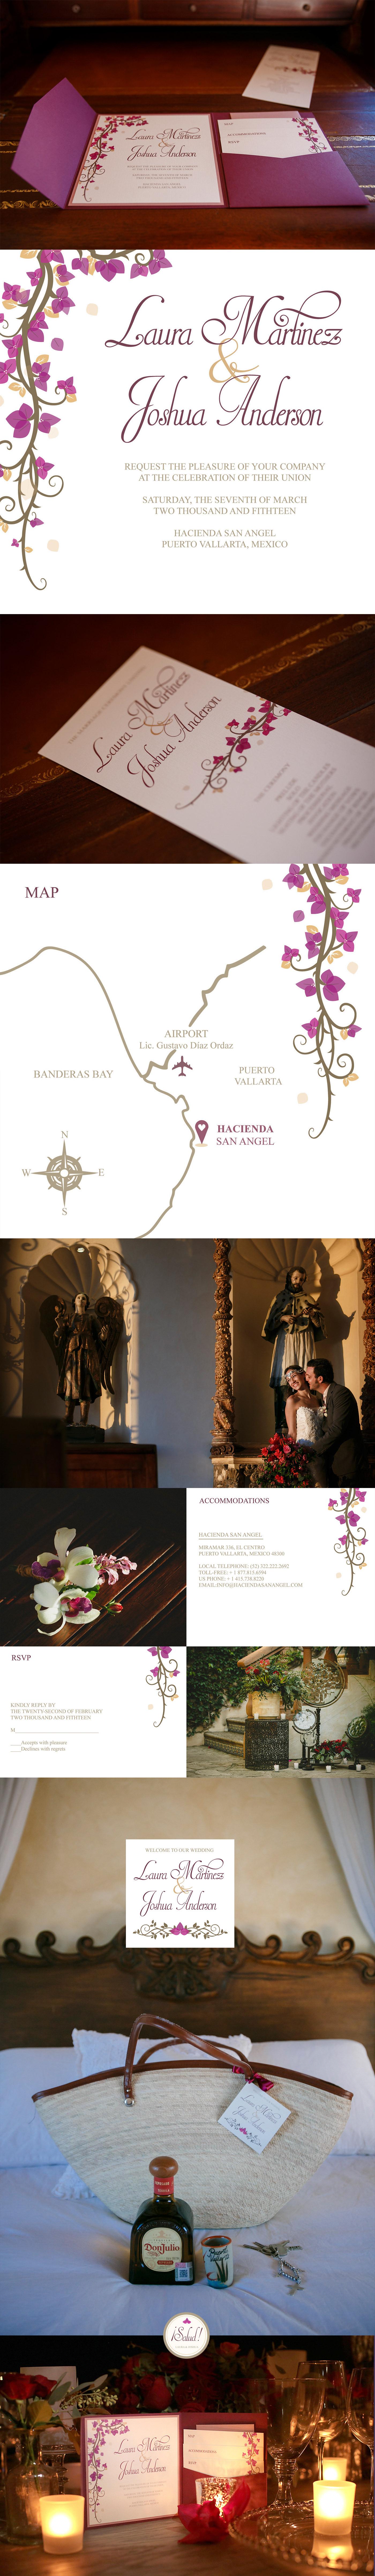 wedding stationery wedding invite rsvp Boda puerto vallarta mexico